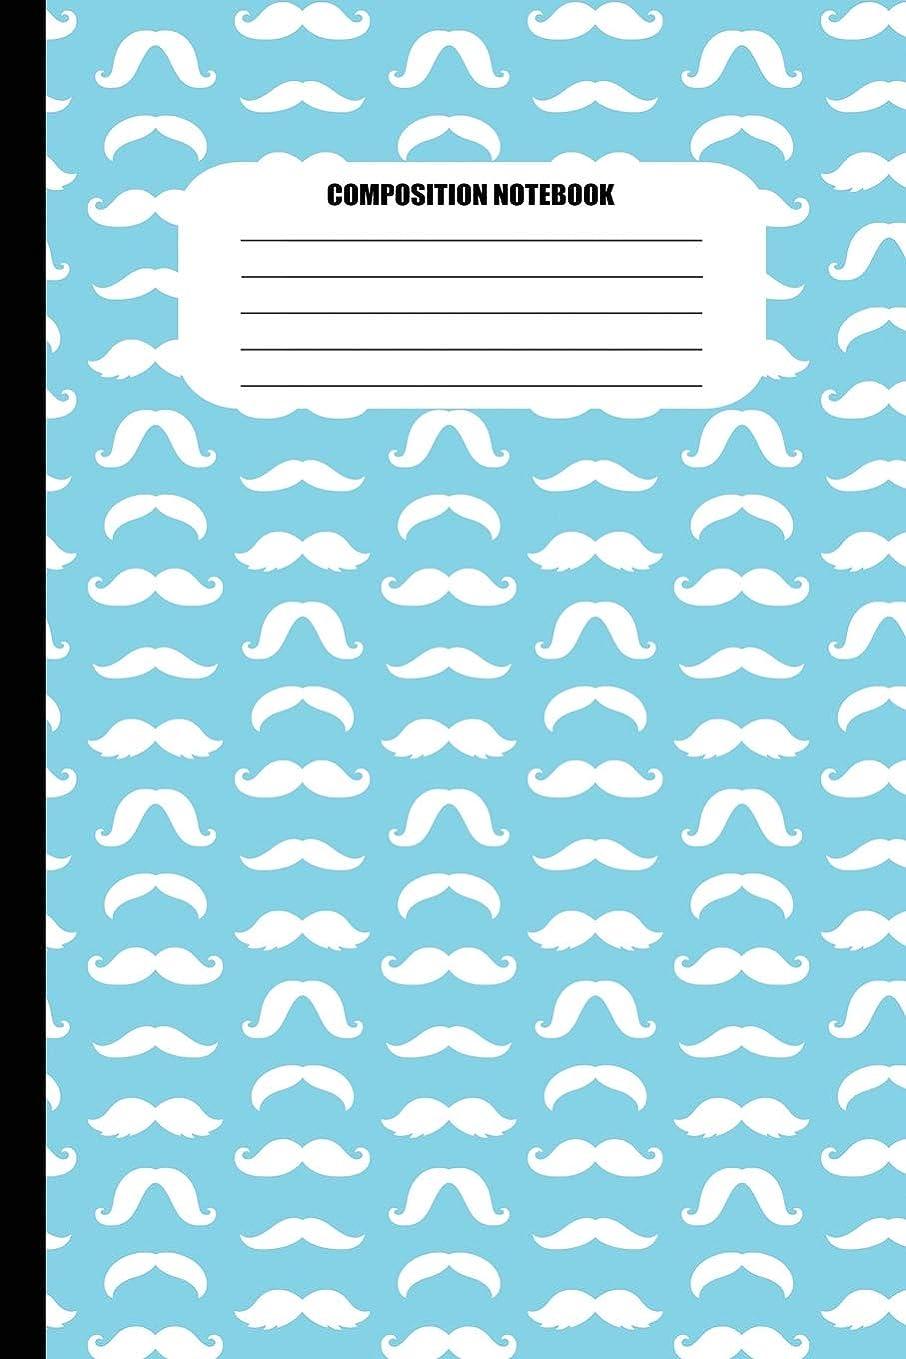 意気消沈した法王スキルComposition Notebook: Moustaches of all Shapes (White Pattern on Sky Blue) (100 Pages, College Ruled)